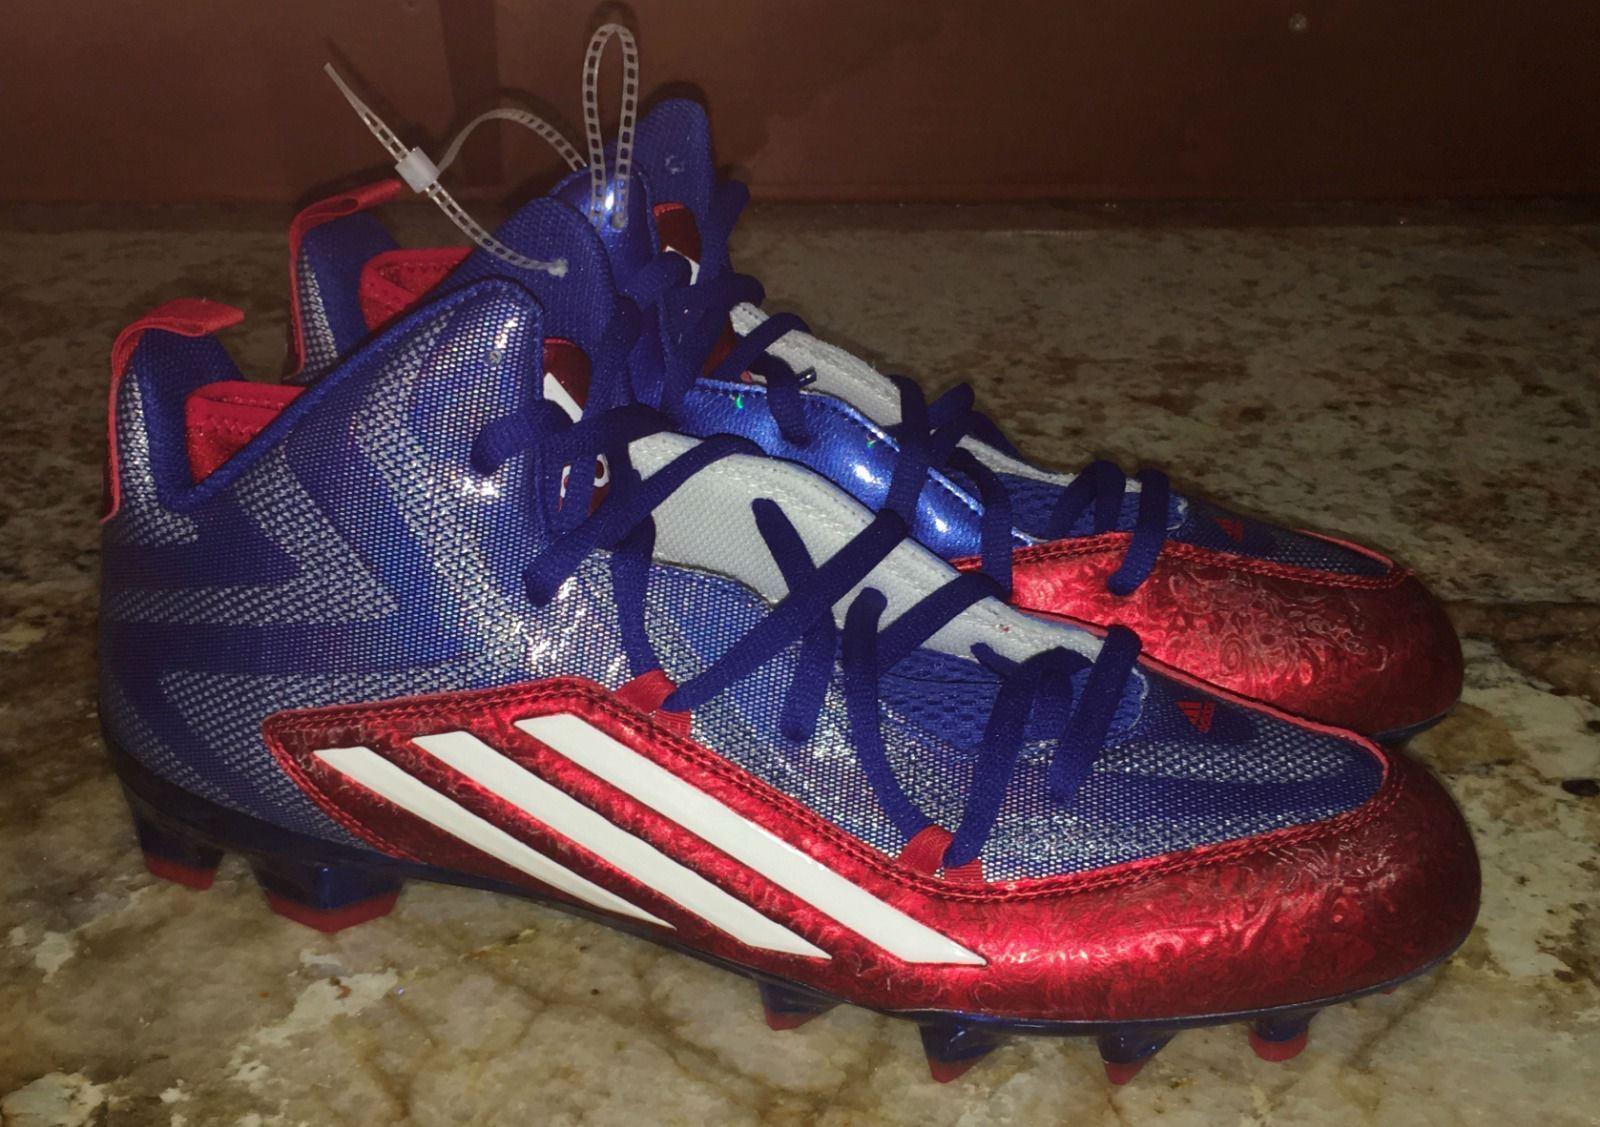 Adidas crazyquick 2.0 Mediados de TD Royal Azul Rojo Rojo Azul Blanco Football cleats New Hombre sz 13 nuevos zapatos para hombres y mujeres, el limitado tiempo de descuento 0e7948